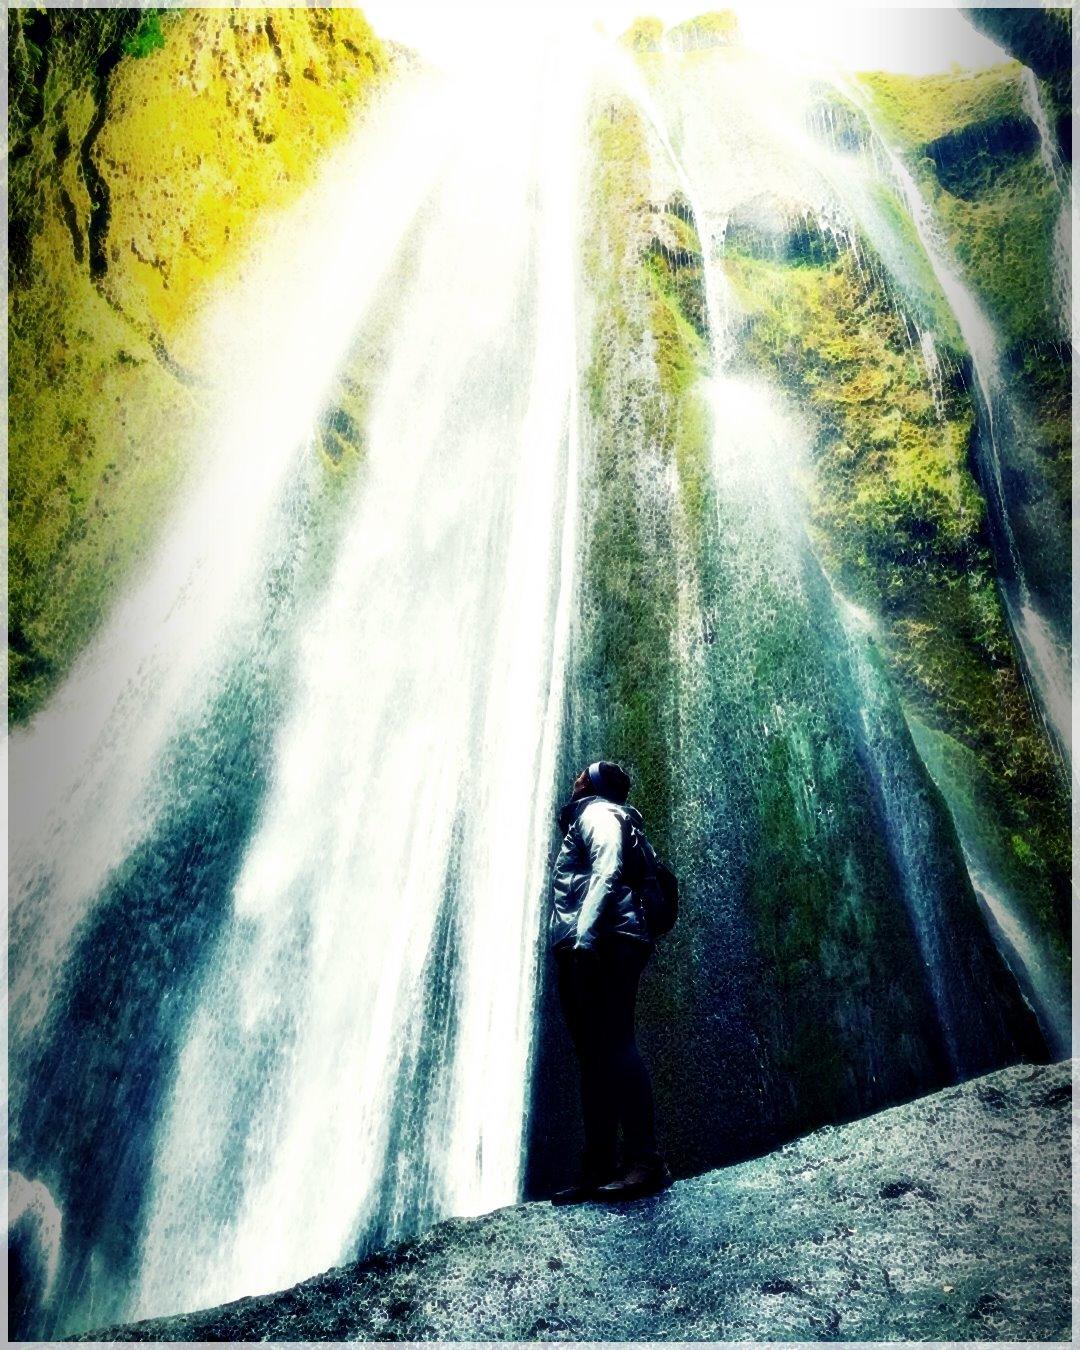 HikingAdventures-94826079183